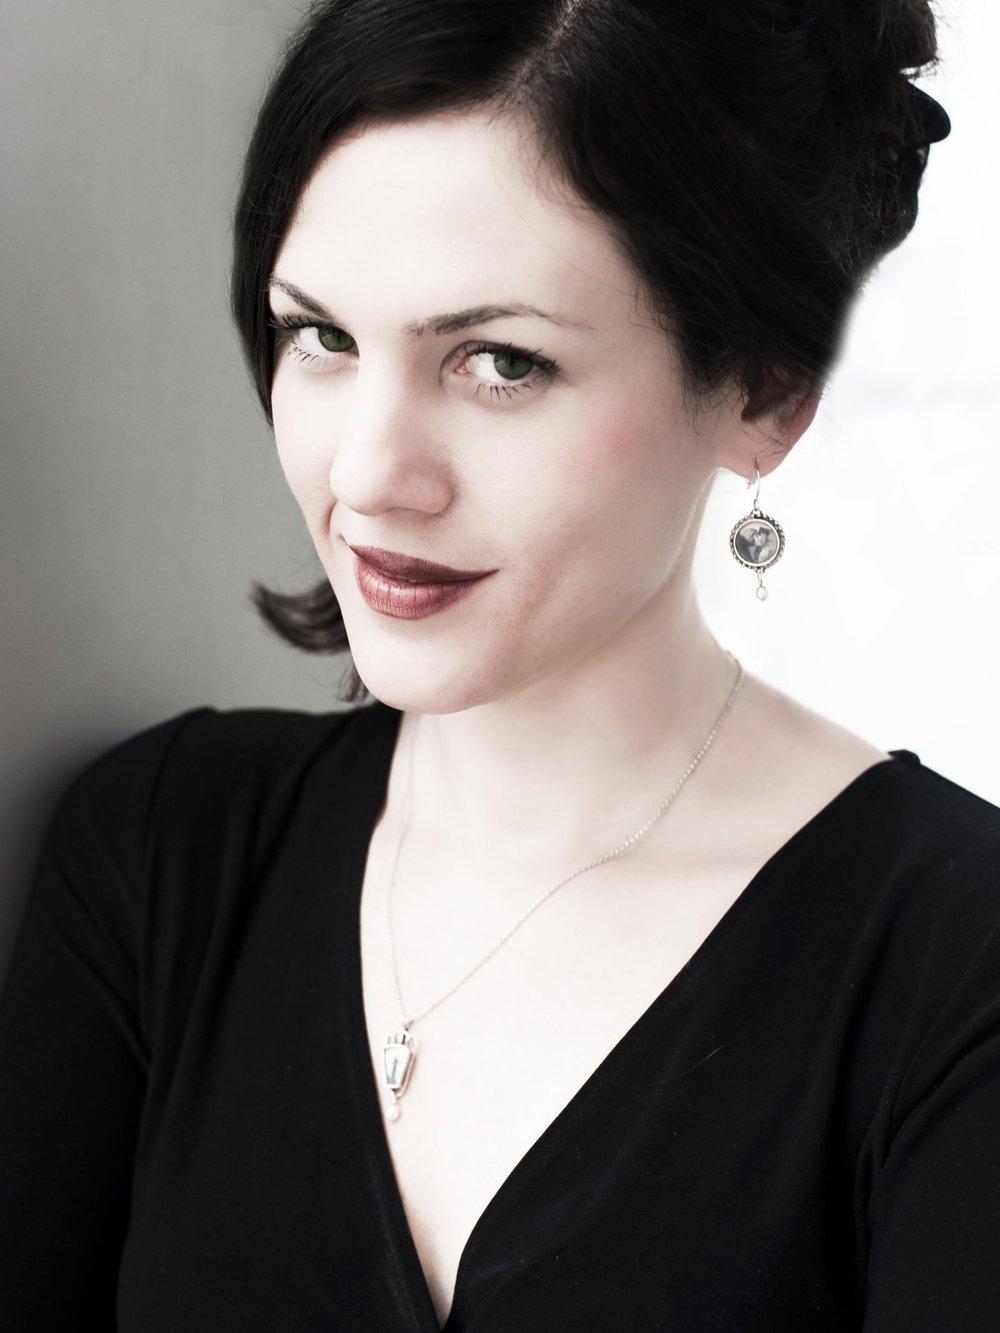 Rachel-Dewoskin-Photo-by-Anne-Li.jpg